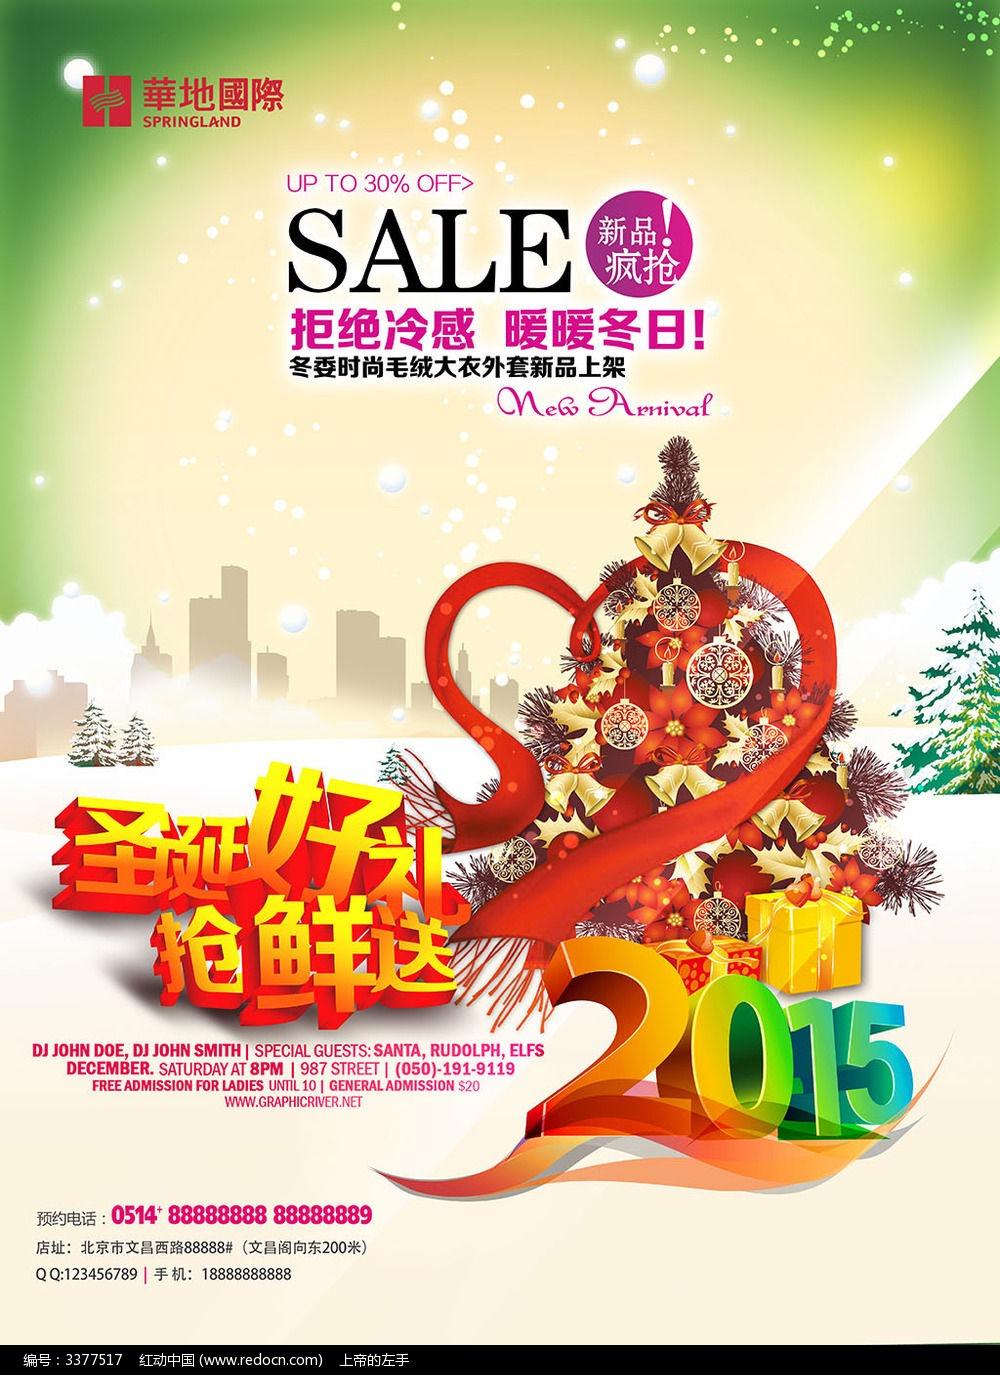 2015商场圣诞节促销活动海报设计